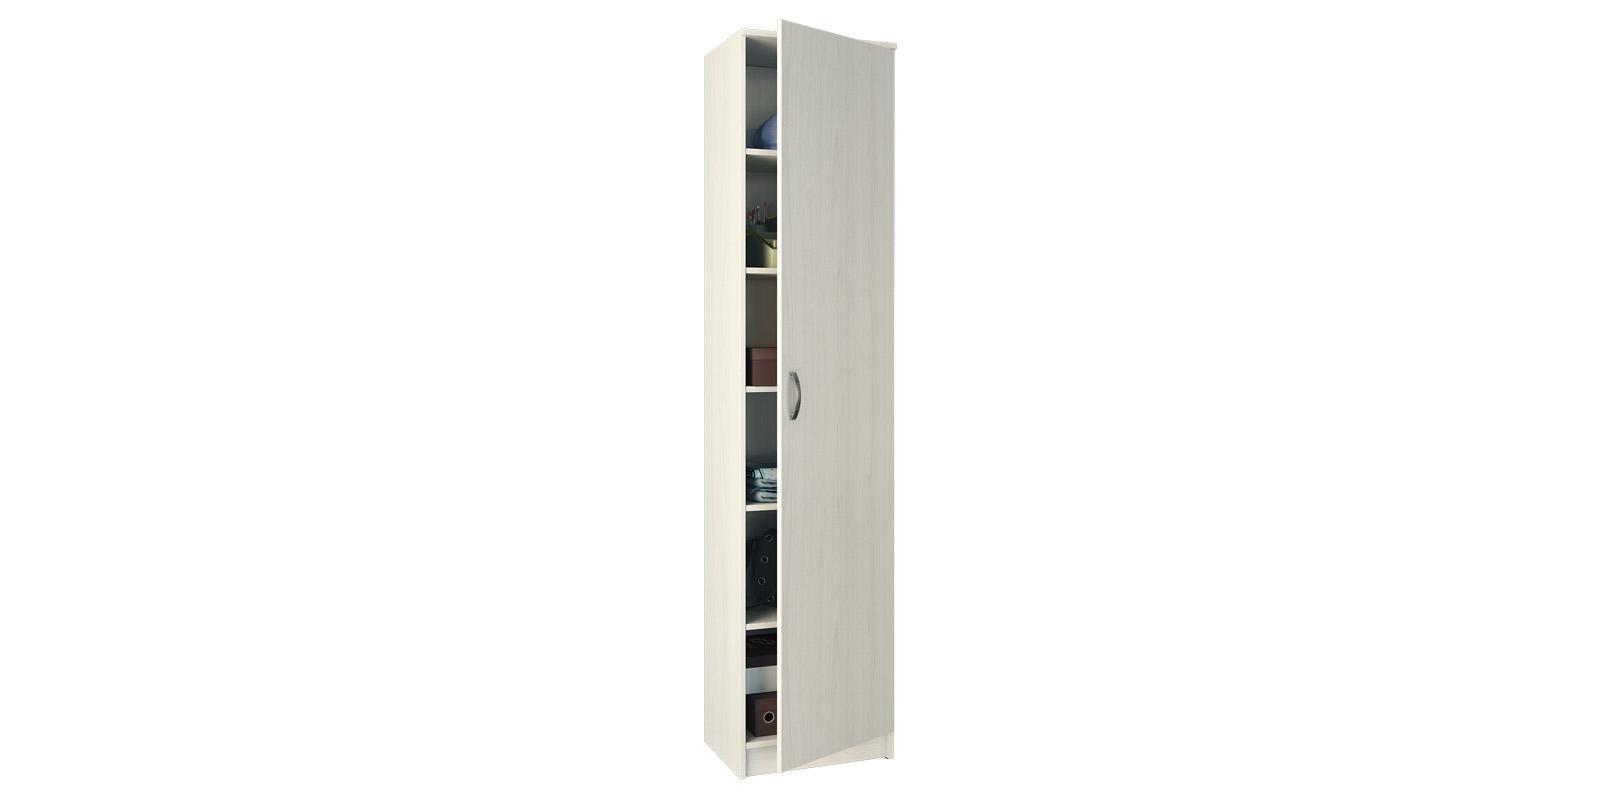 Шкаф распашной однодверный Хельга вариант №1 (белый)